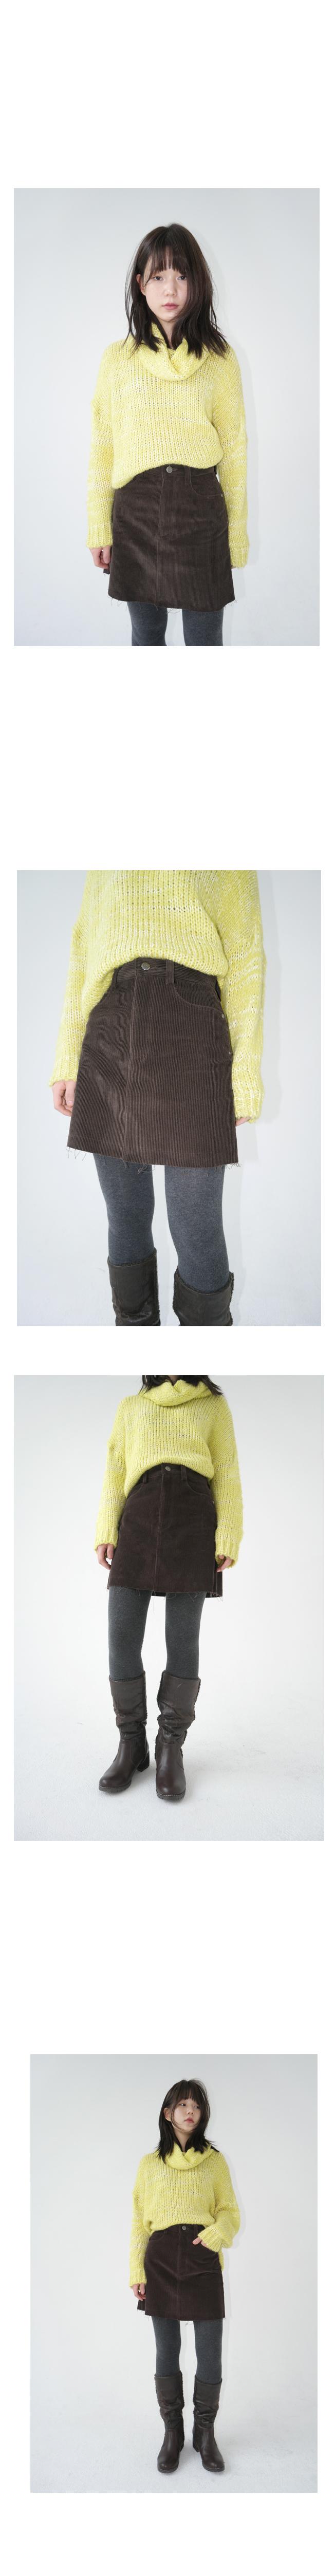 crochet turtle neck knit